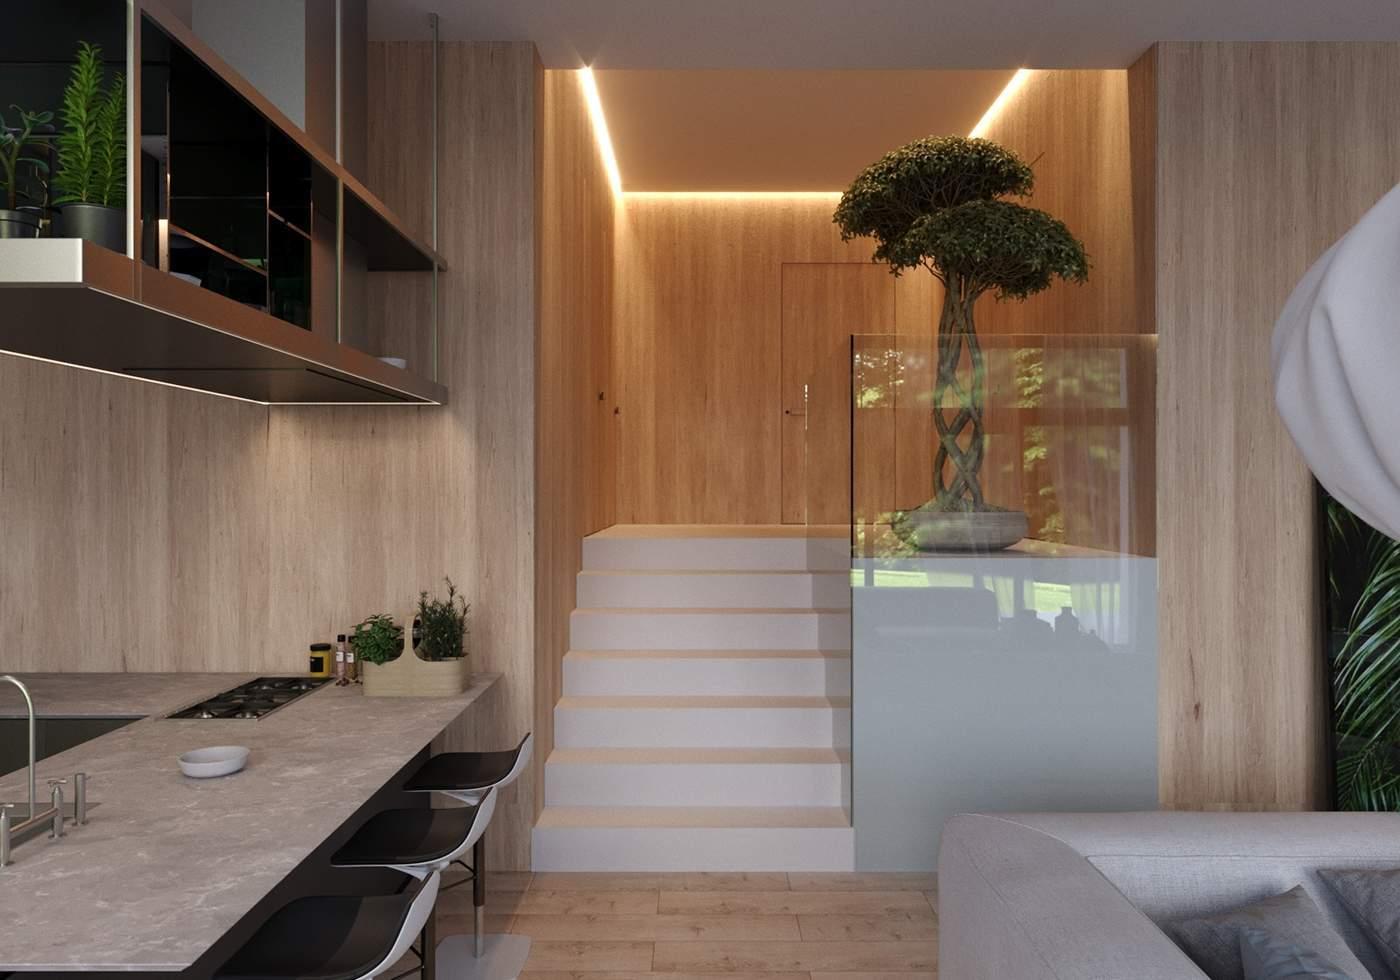 Des escaliers singuliers et modernes